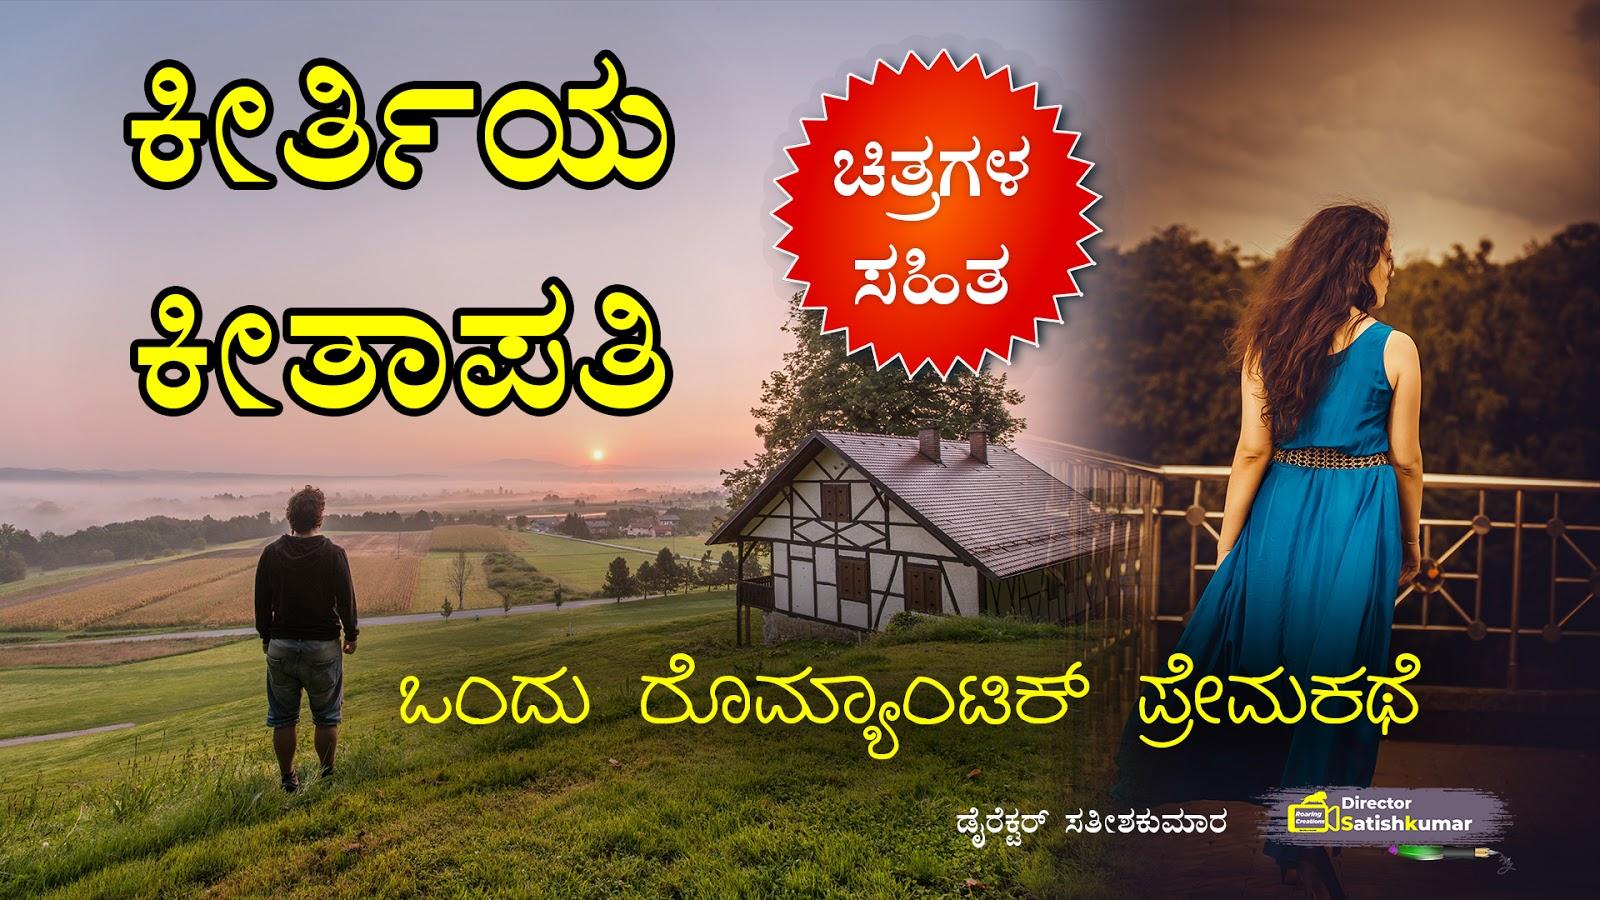 ಕೀರ್ತಿಯ ಕೀತಾಪತಿ : ಒಂದು ರೊಮ್ಯಾಂಟಿಕ್ ಪ್ರೇಮಕಥೆ - Romantic Love Story in Kannada